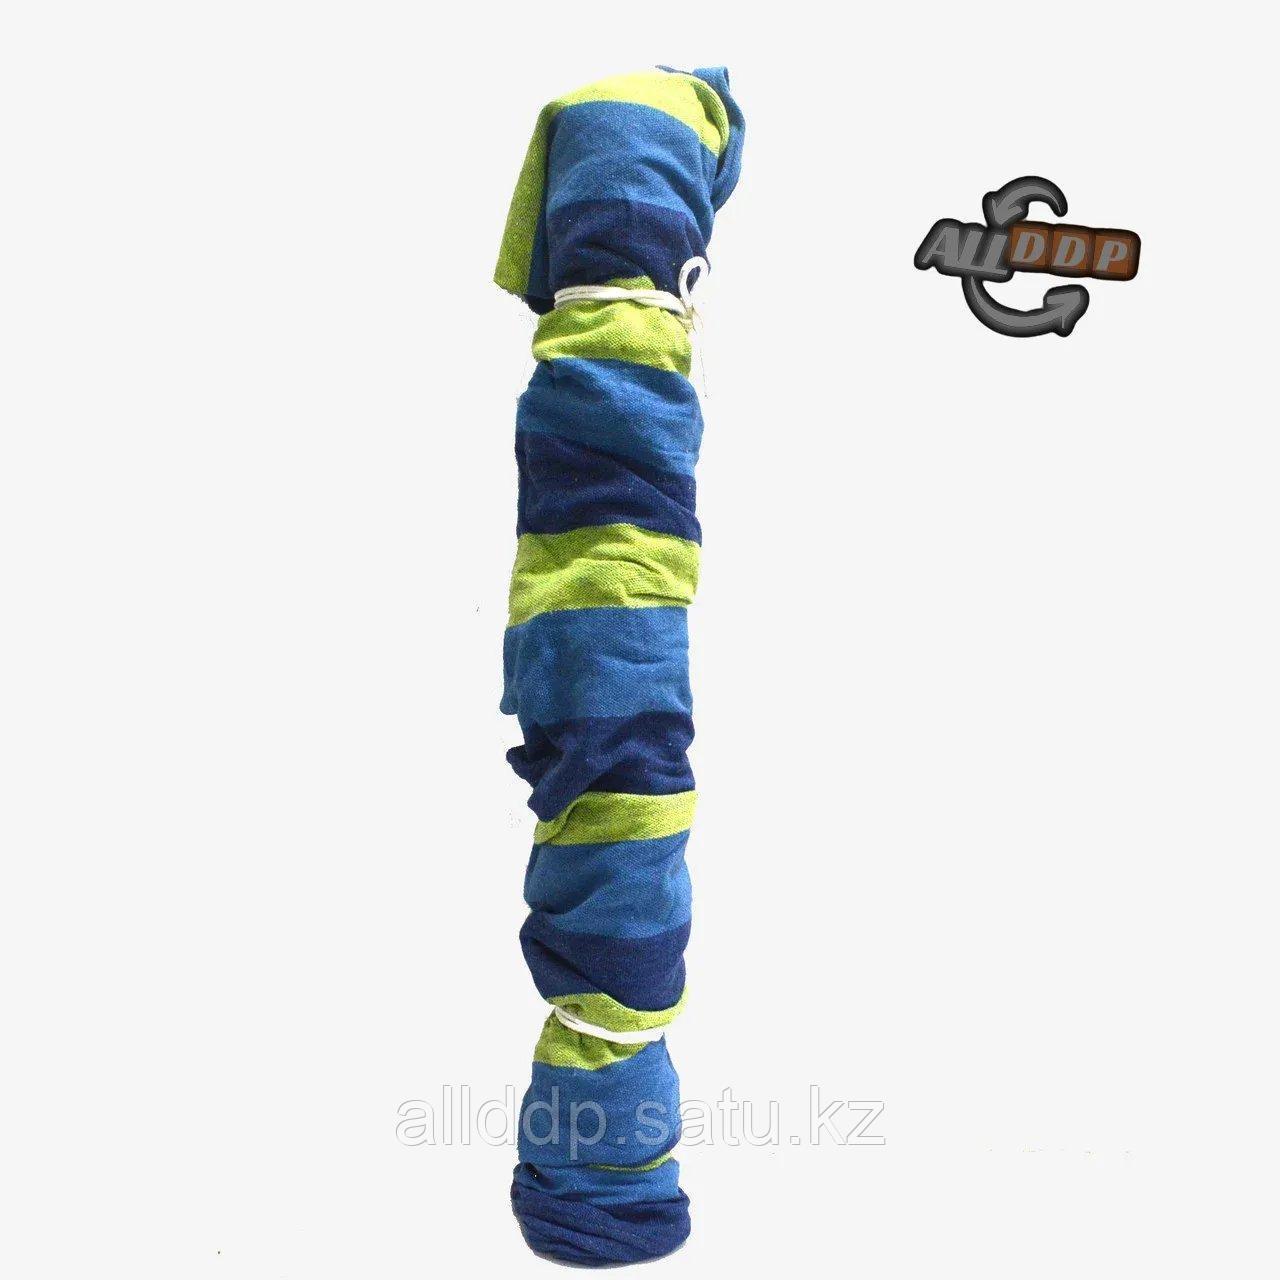 Гамак подвесной складной с деревянными планками одноместный 165х80 в синих оттенках - фото 10